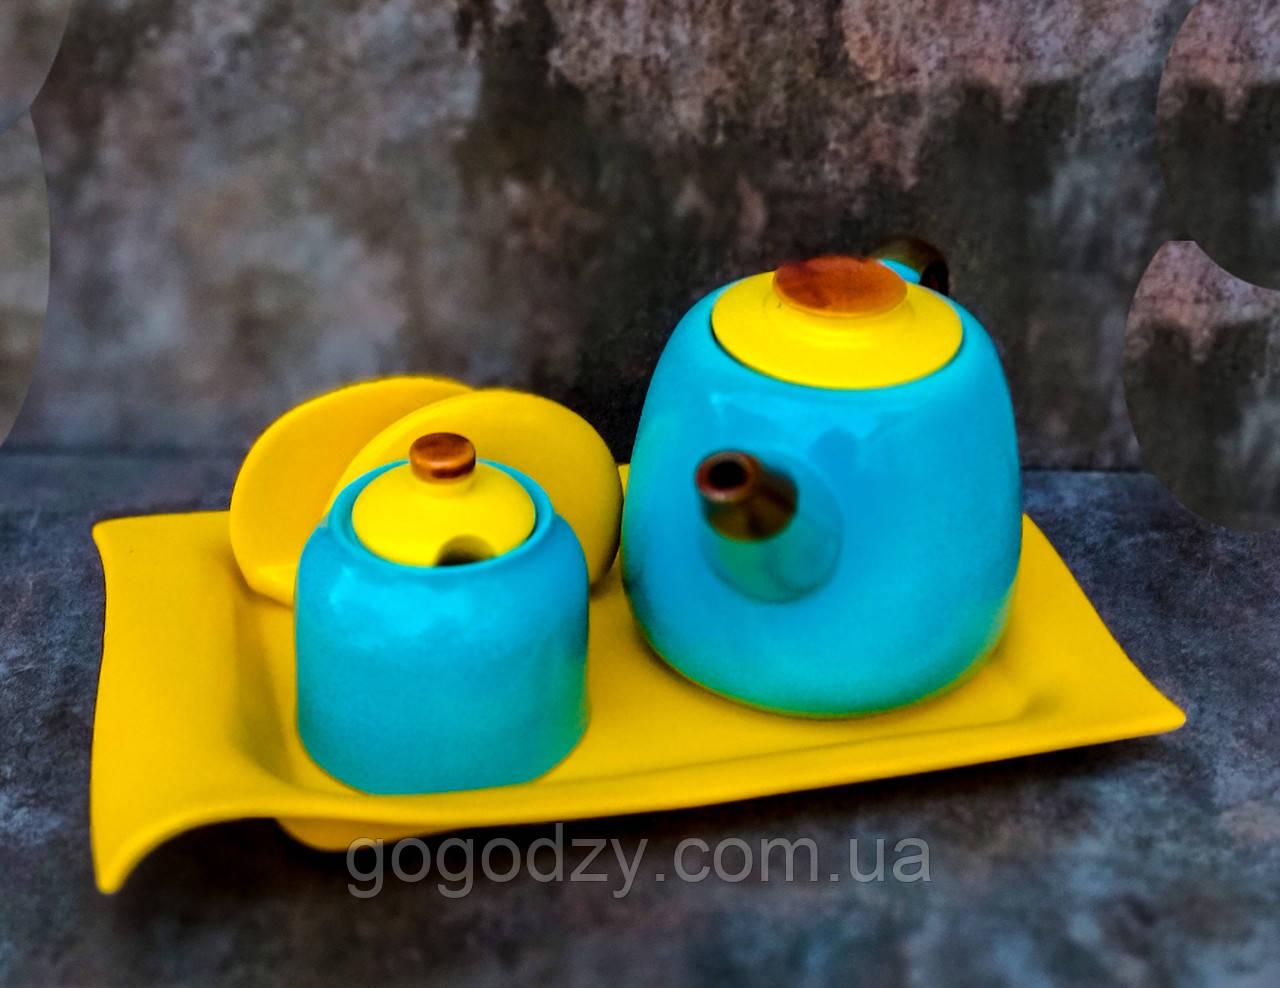 Чайний набір жовто-блакитний з підносом